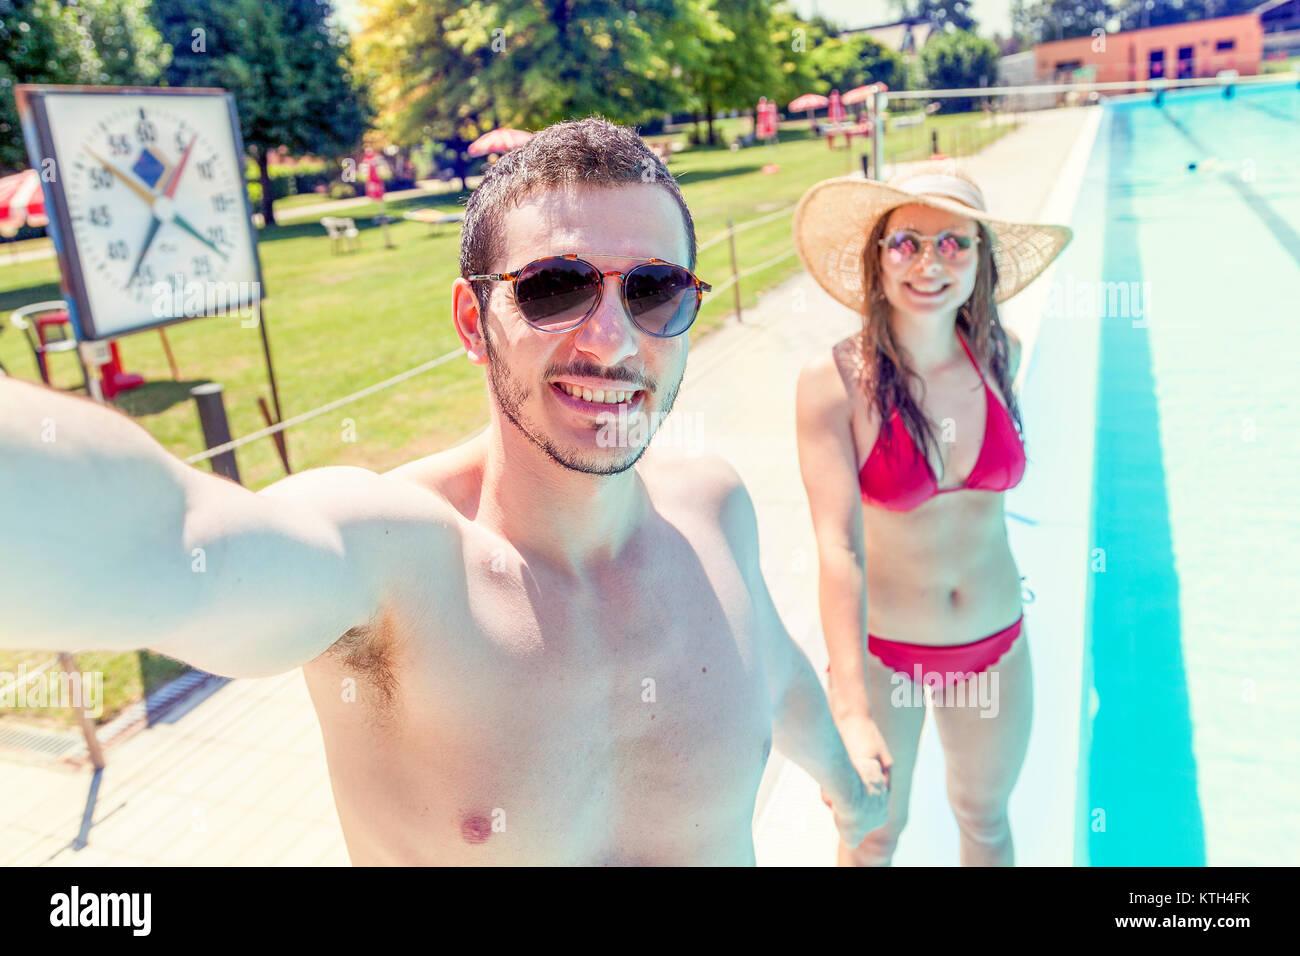 Giovane coppia amorevole accanto alla piscina prende un selfie in costume da bagno. Concetto di giovani divertirsi Immagini Stock